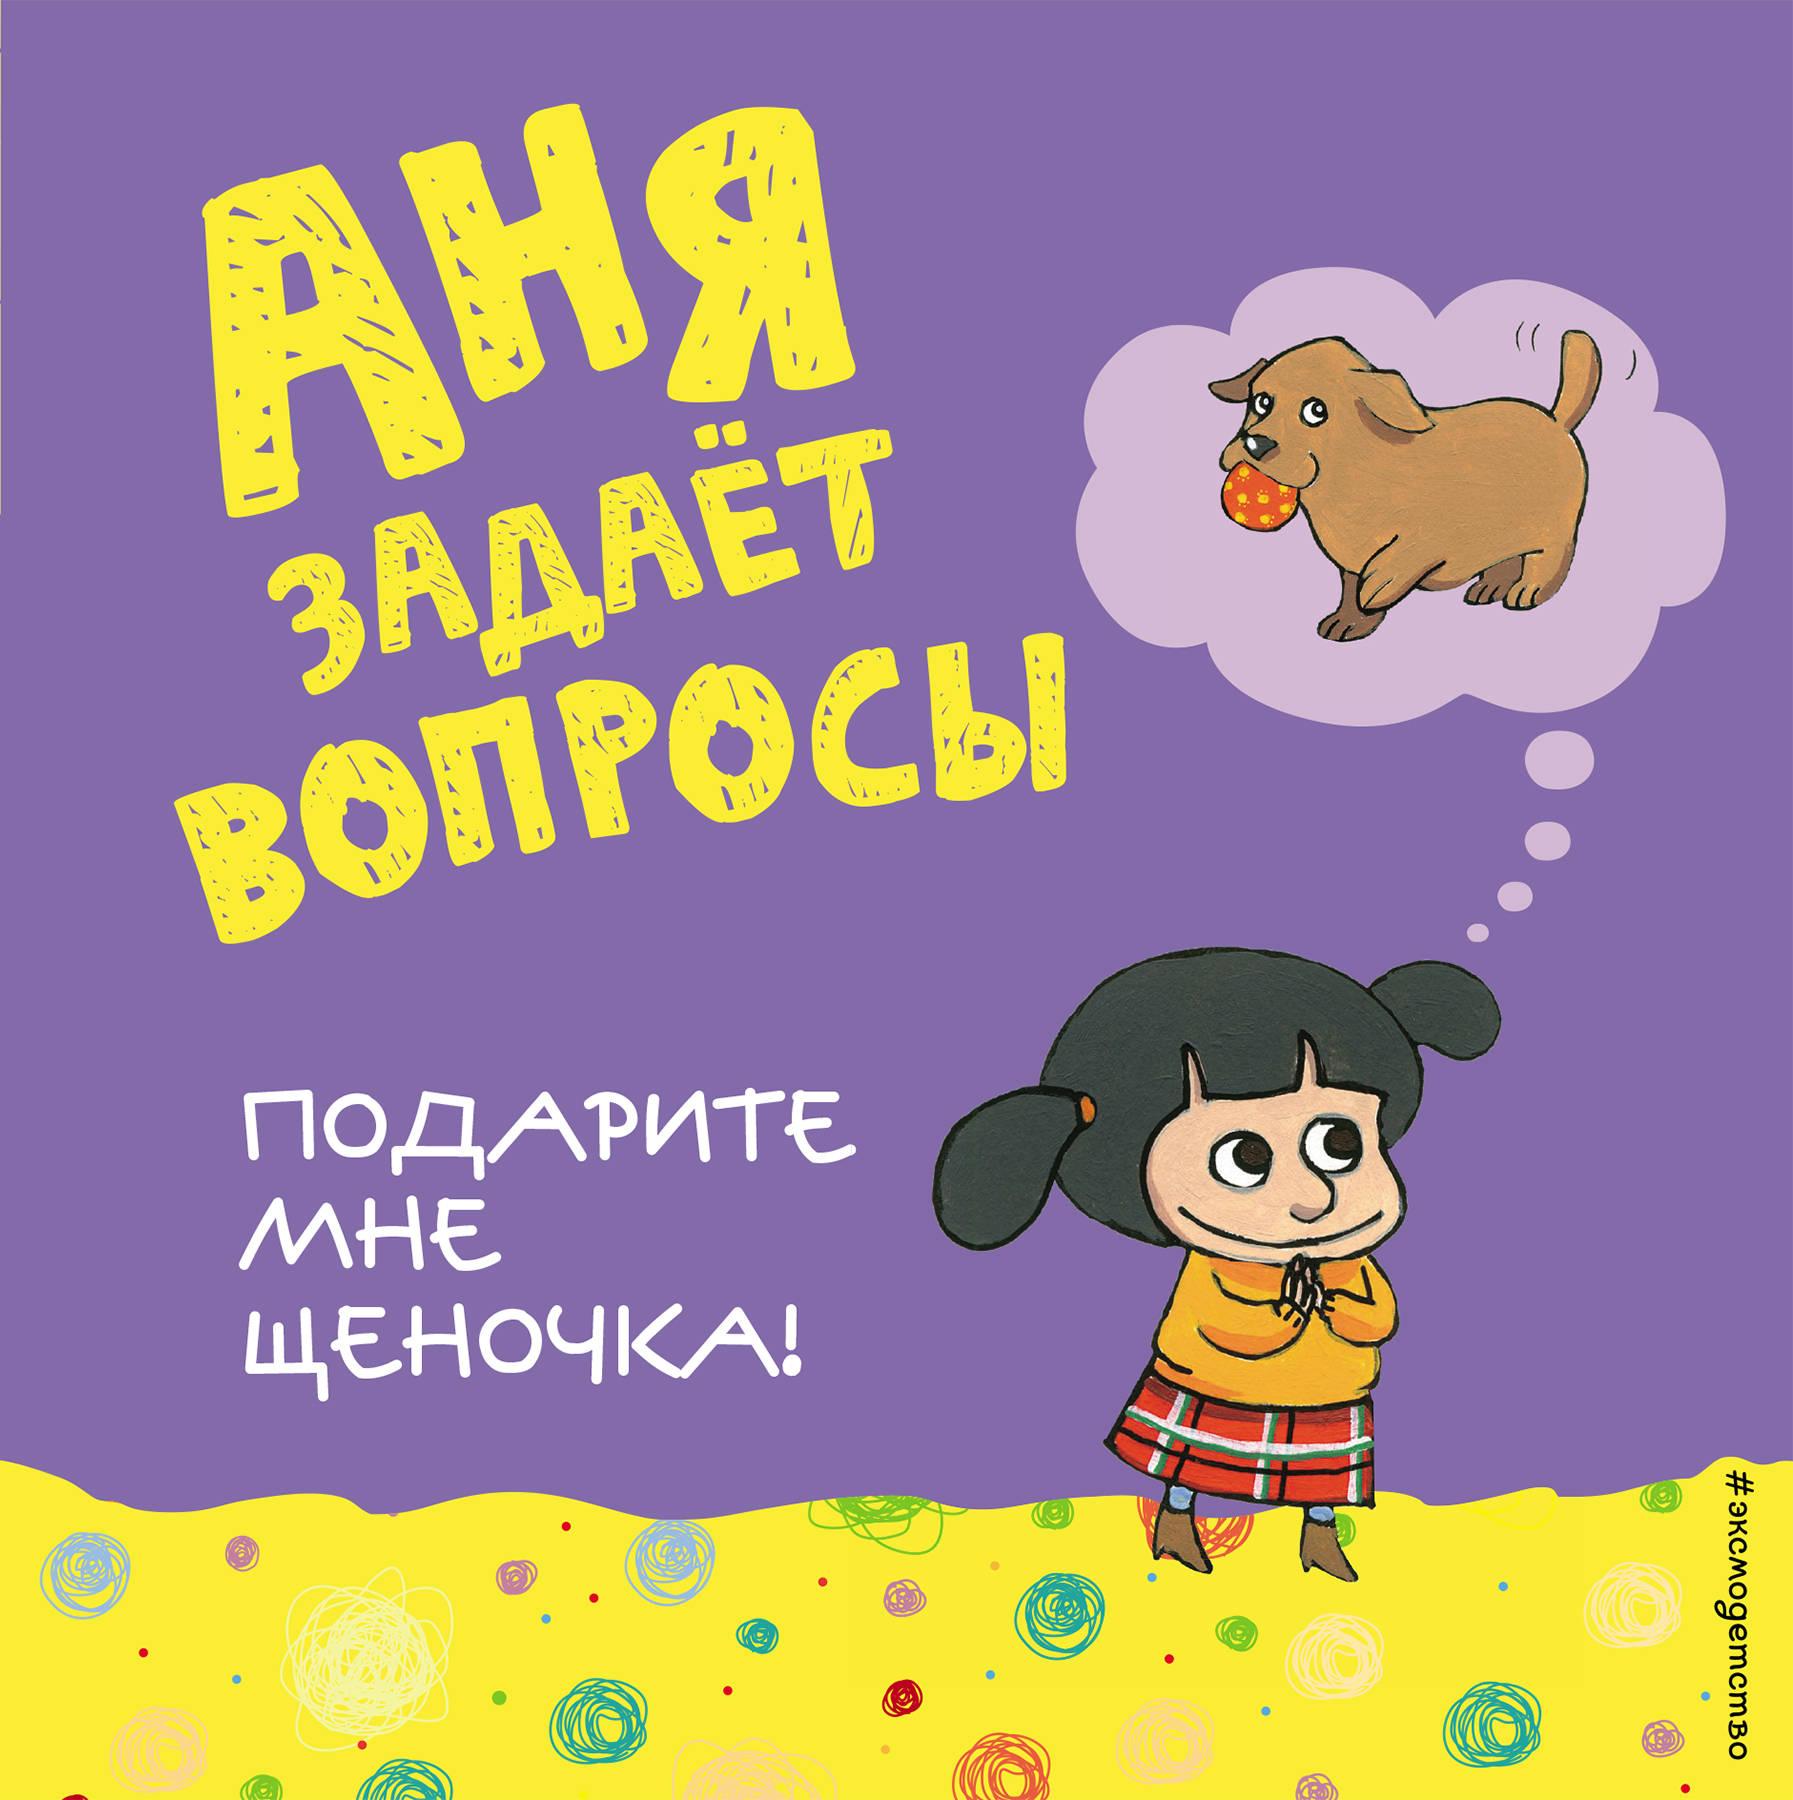 Подарите мне щеночка! развивающие книжки эксмо книга подарите мне щеночка